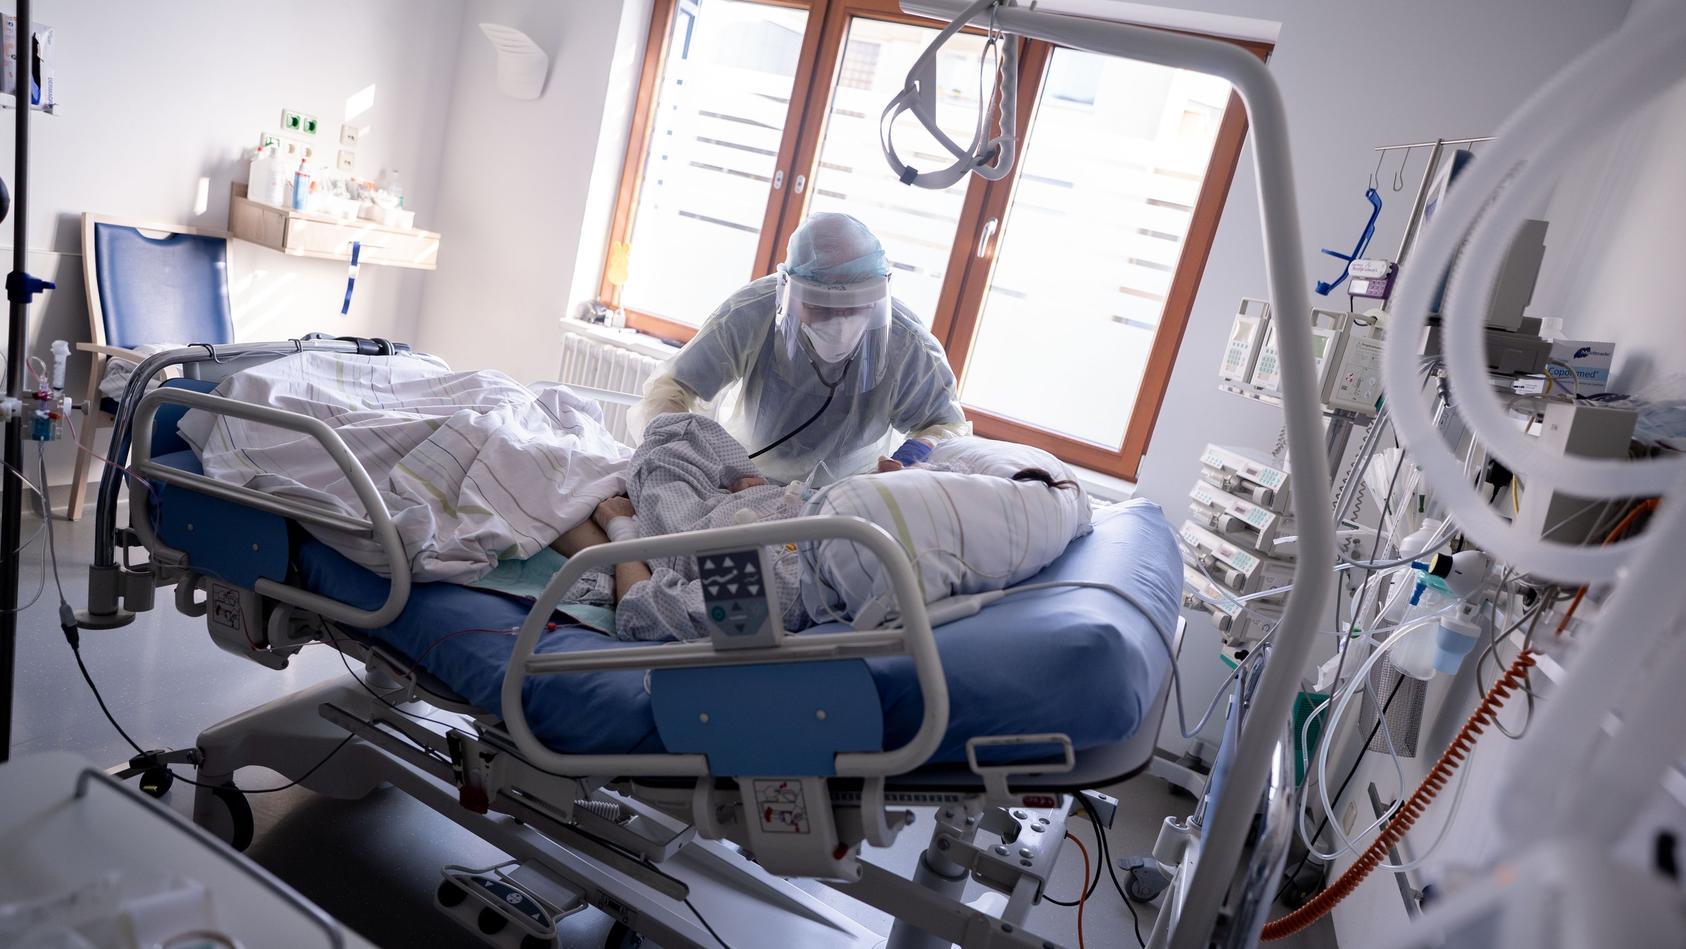 corona-liveticker-4000-intensivbetten-weniger-in-2021